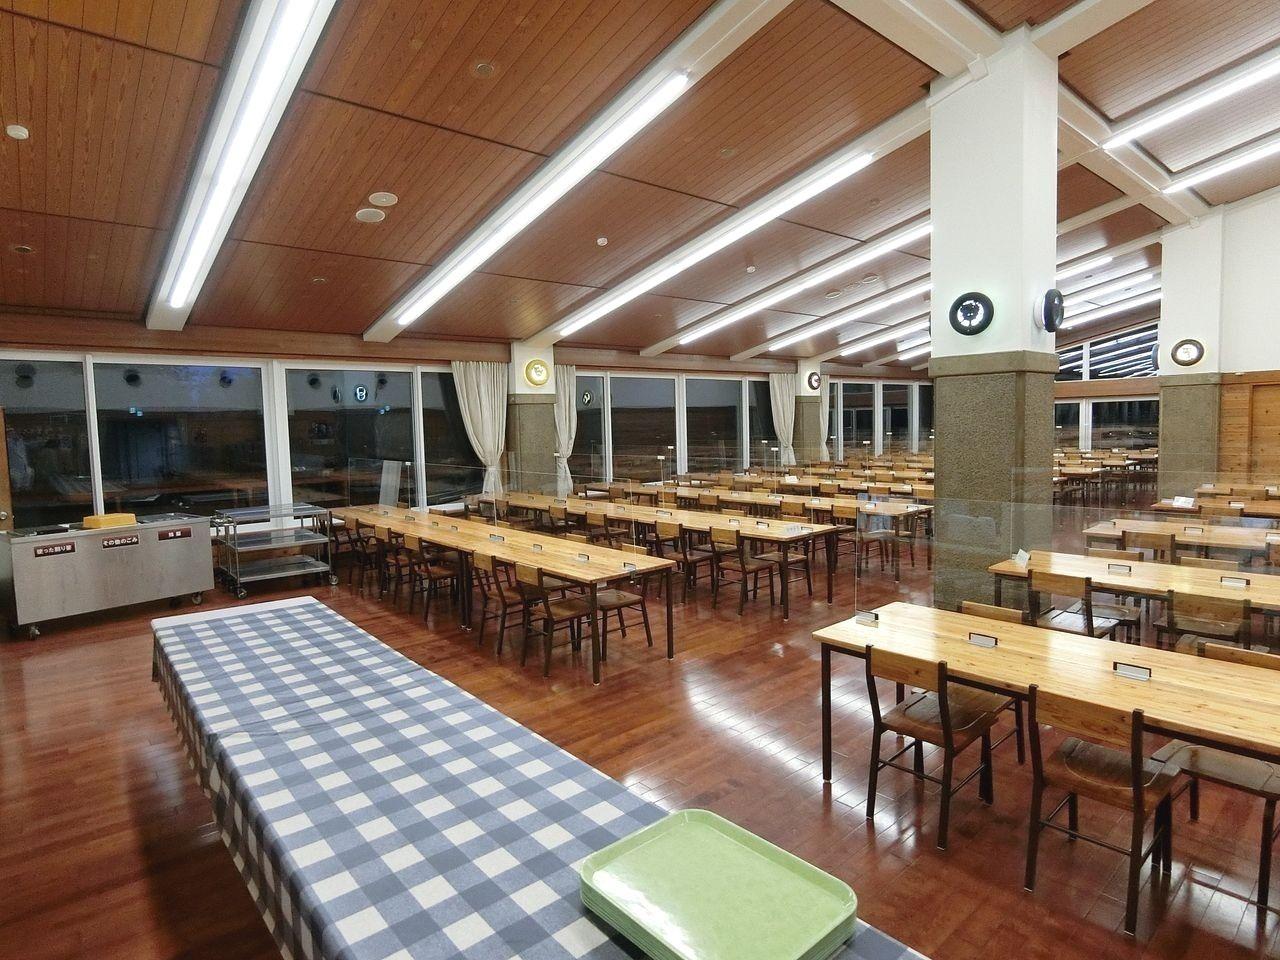 板橋区立八ヶ岳荘の食堂